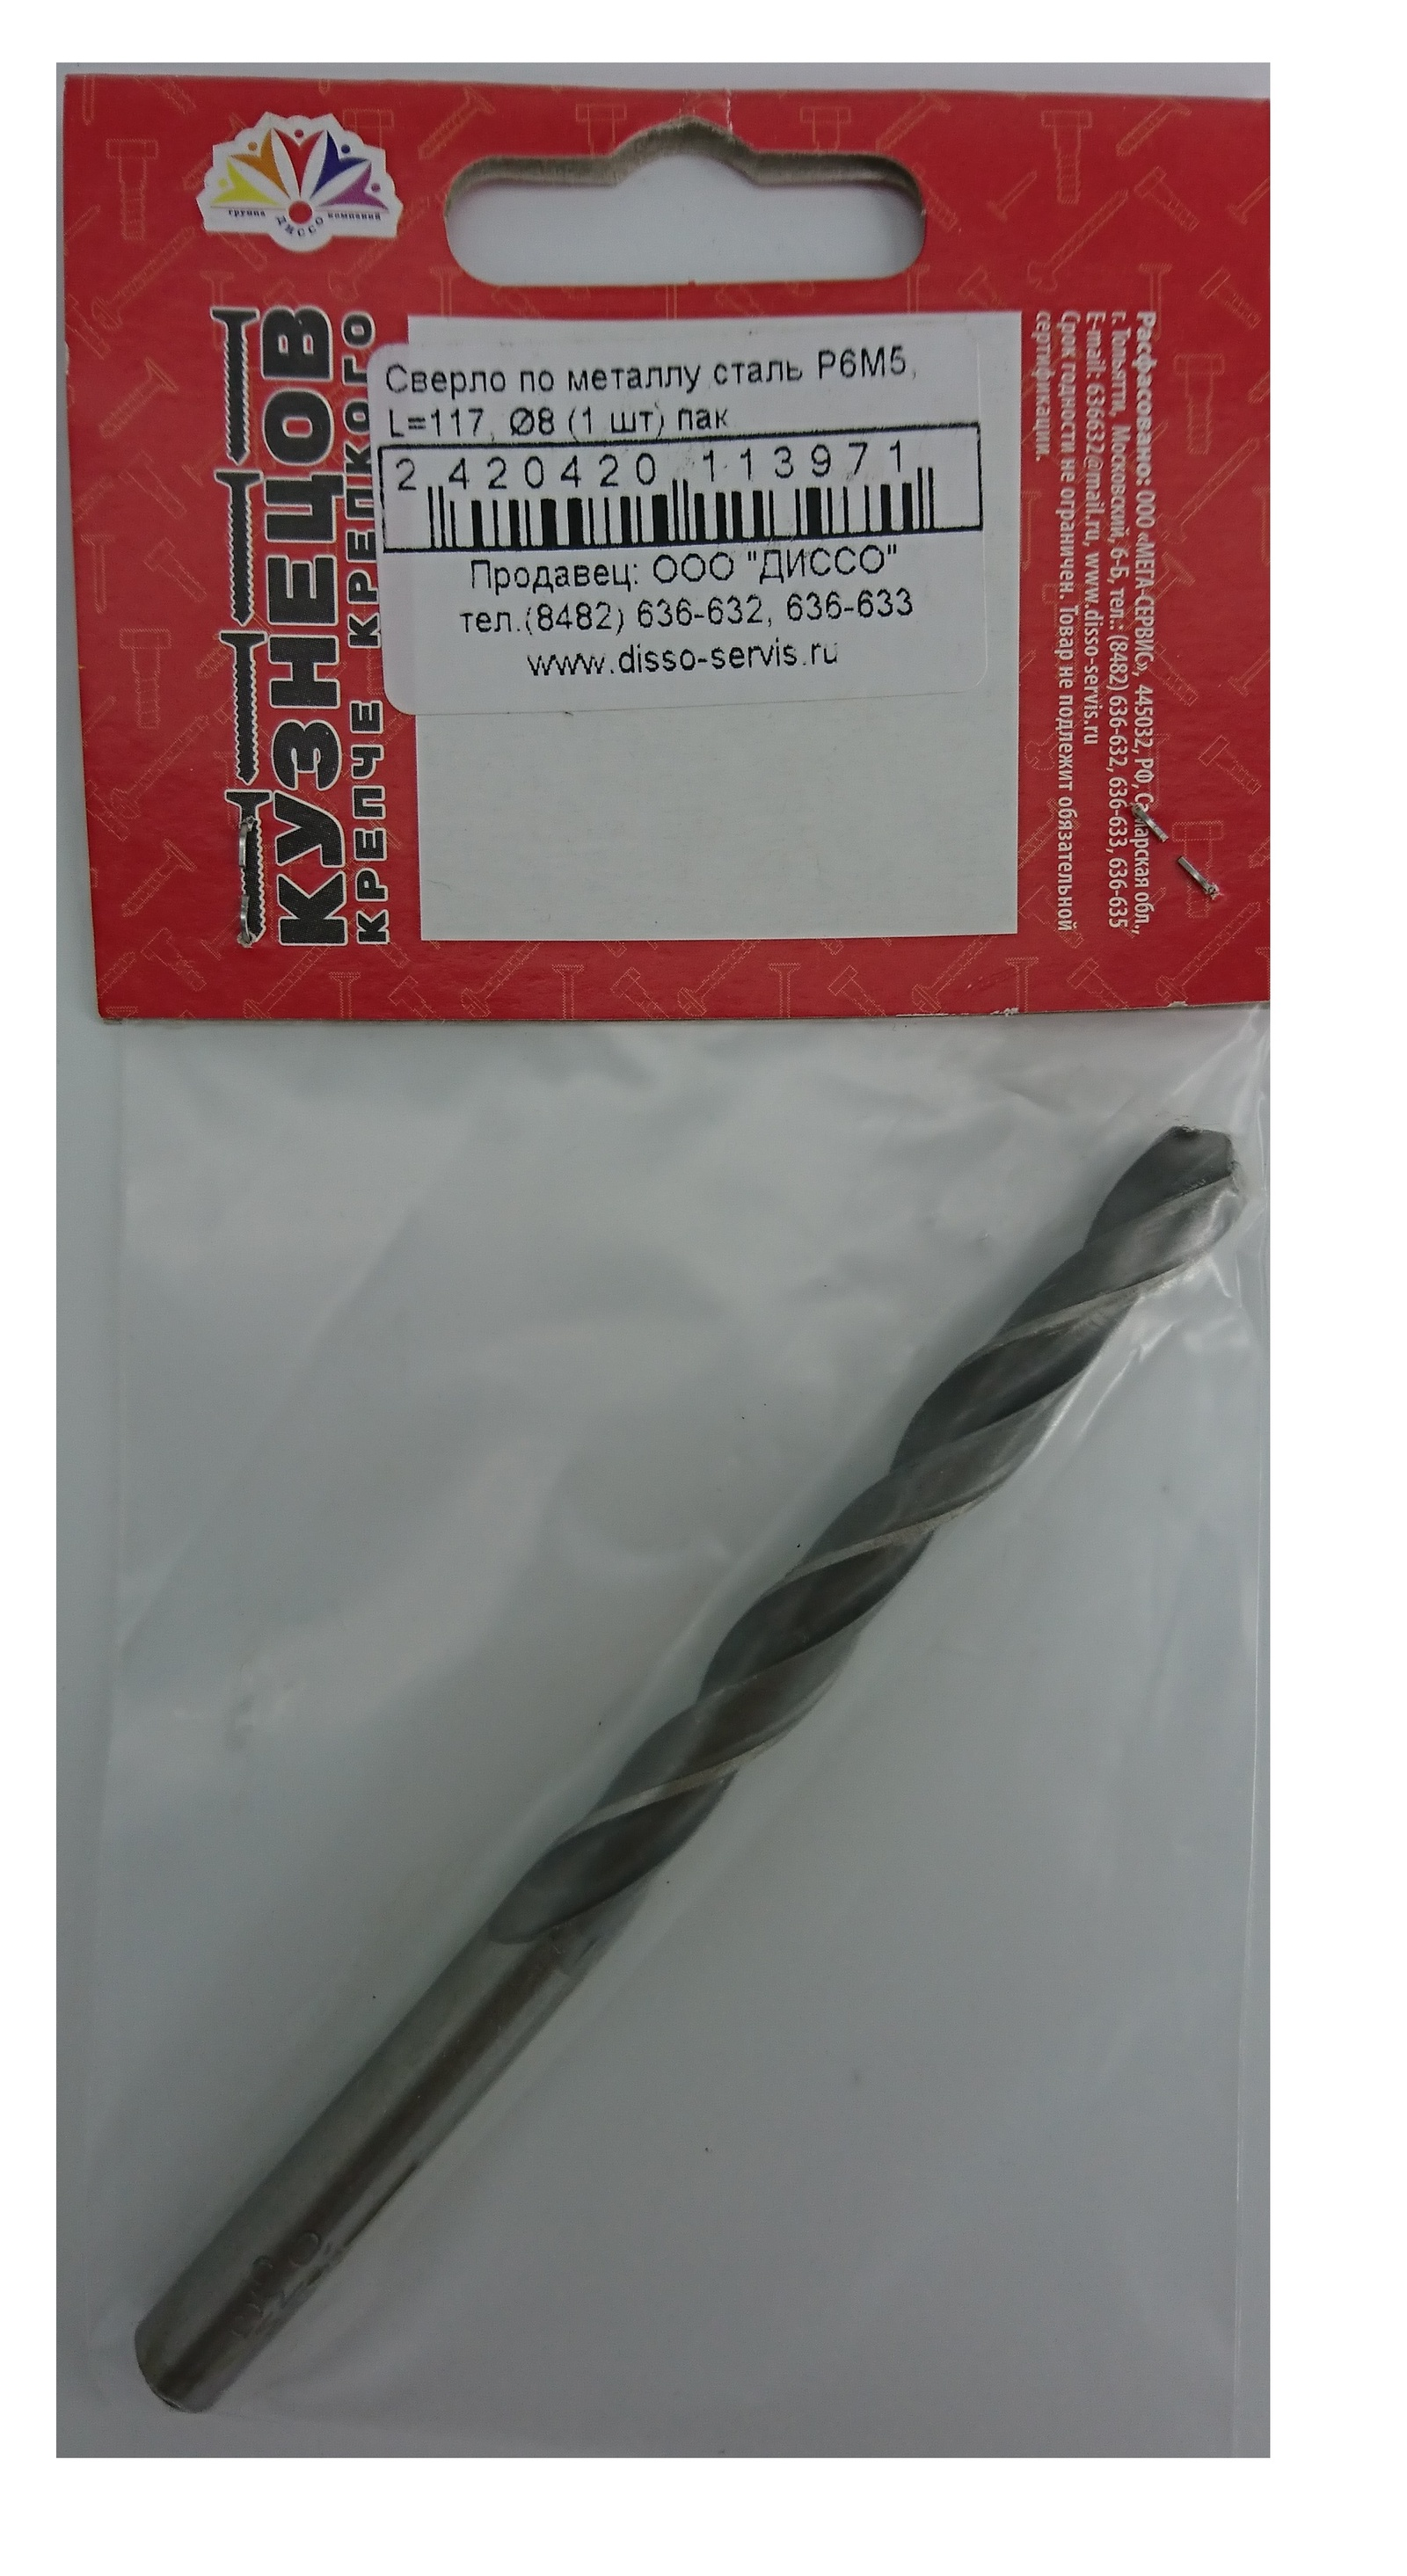 Сверло по металлу сталь Р6М5 L=117 Диаметр 8 мм (1 шт) пак. цена